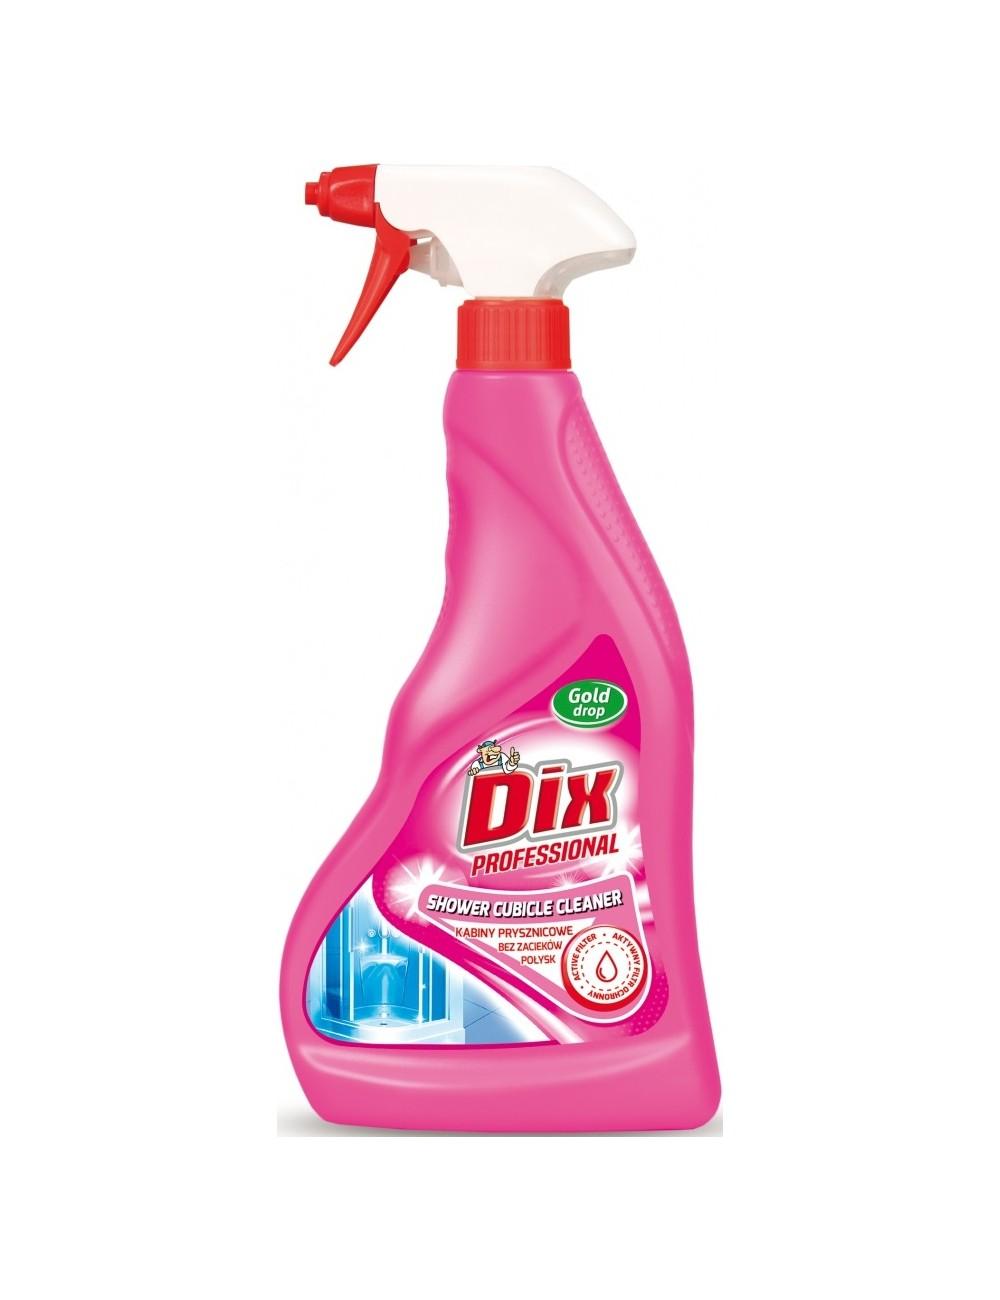 Dix professional kabiny prysznicowe – płyn do usuwania wszelkich zabrudzeń 500ml